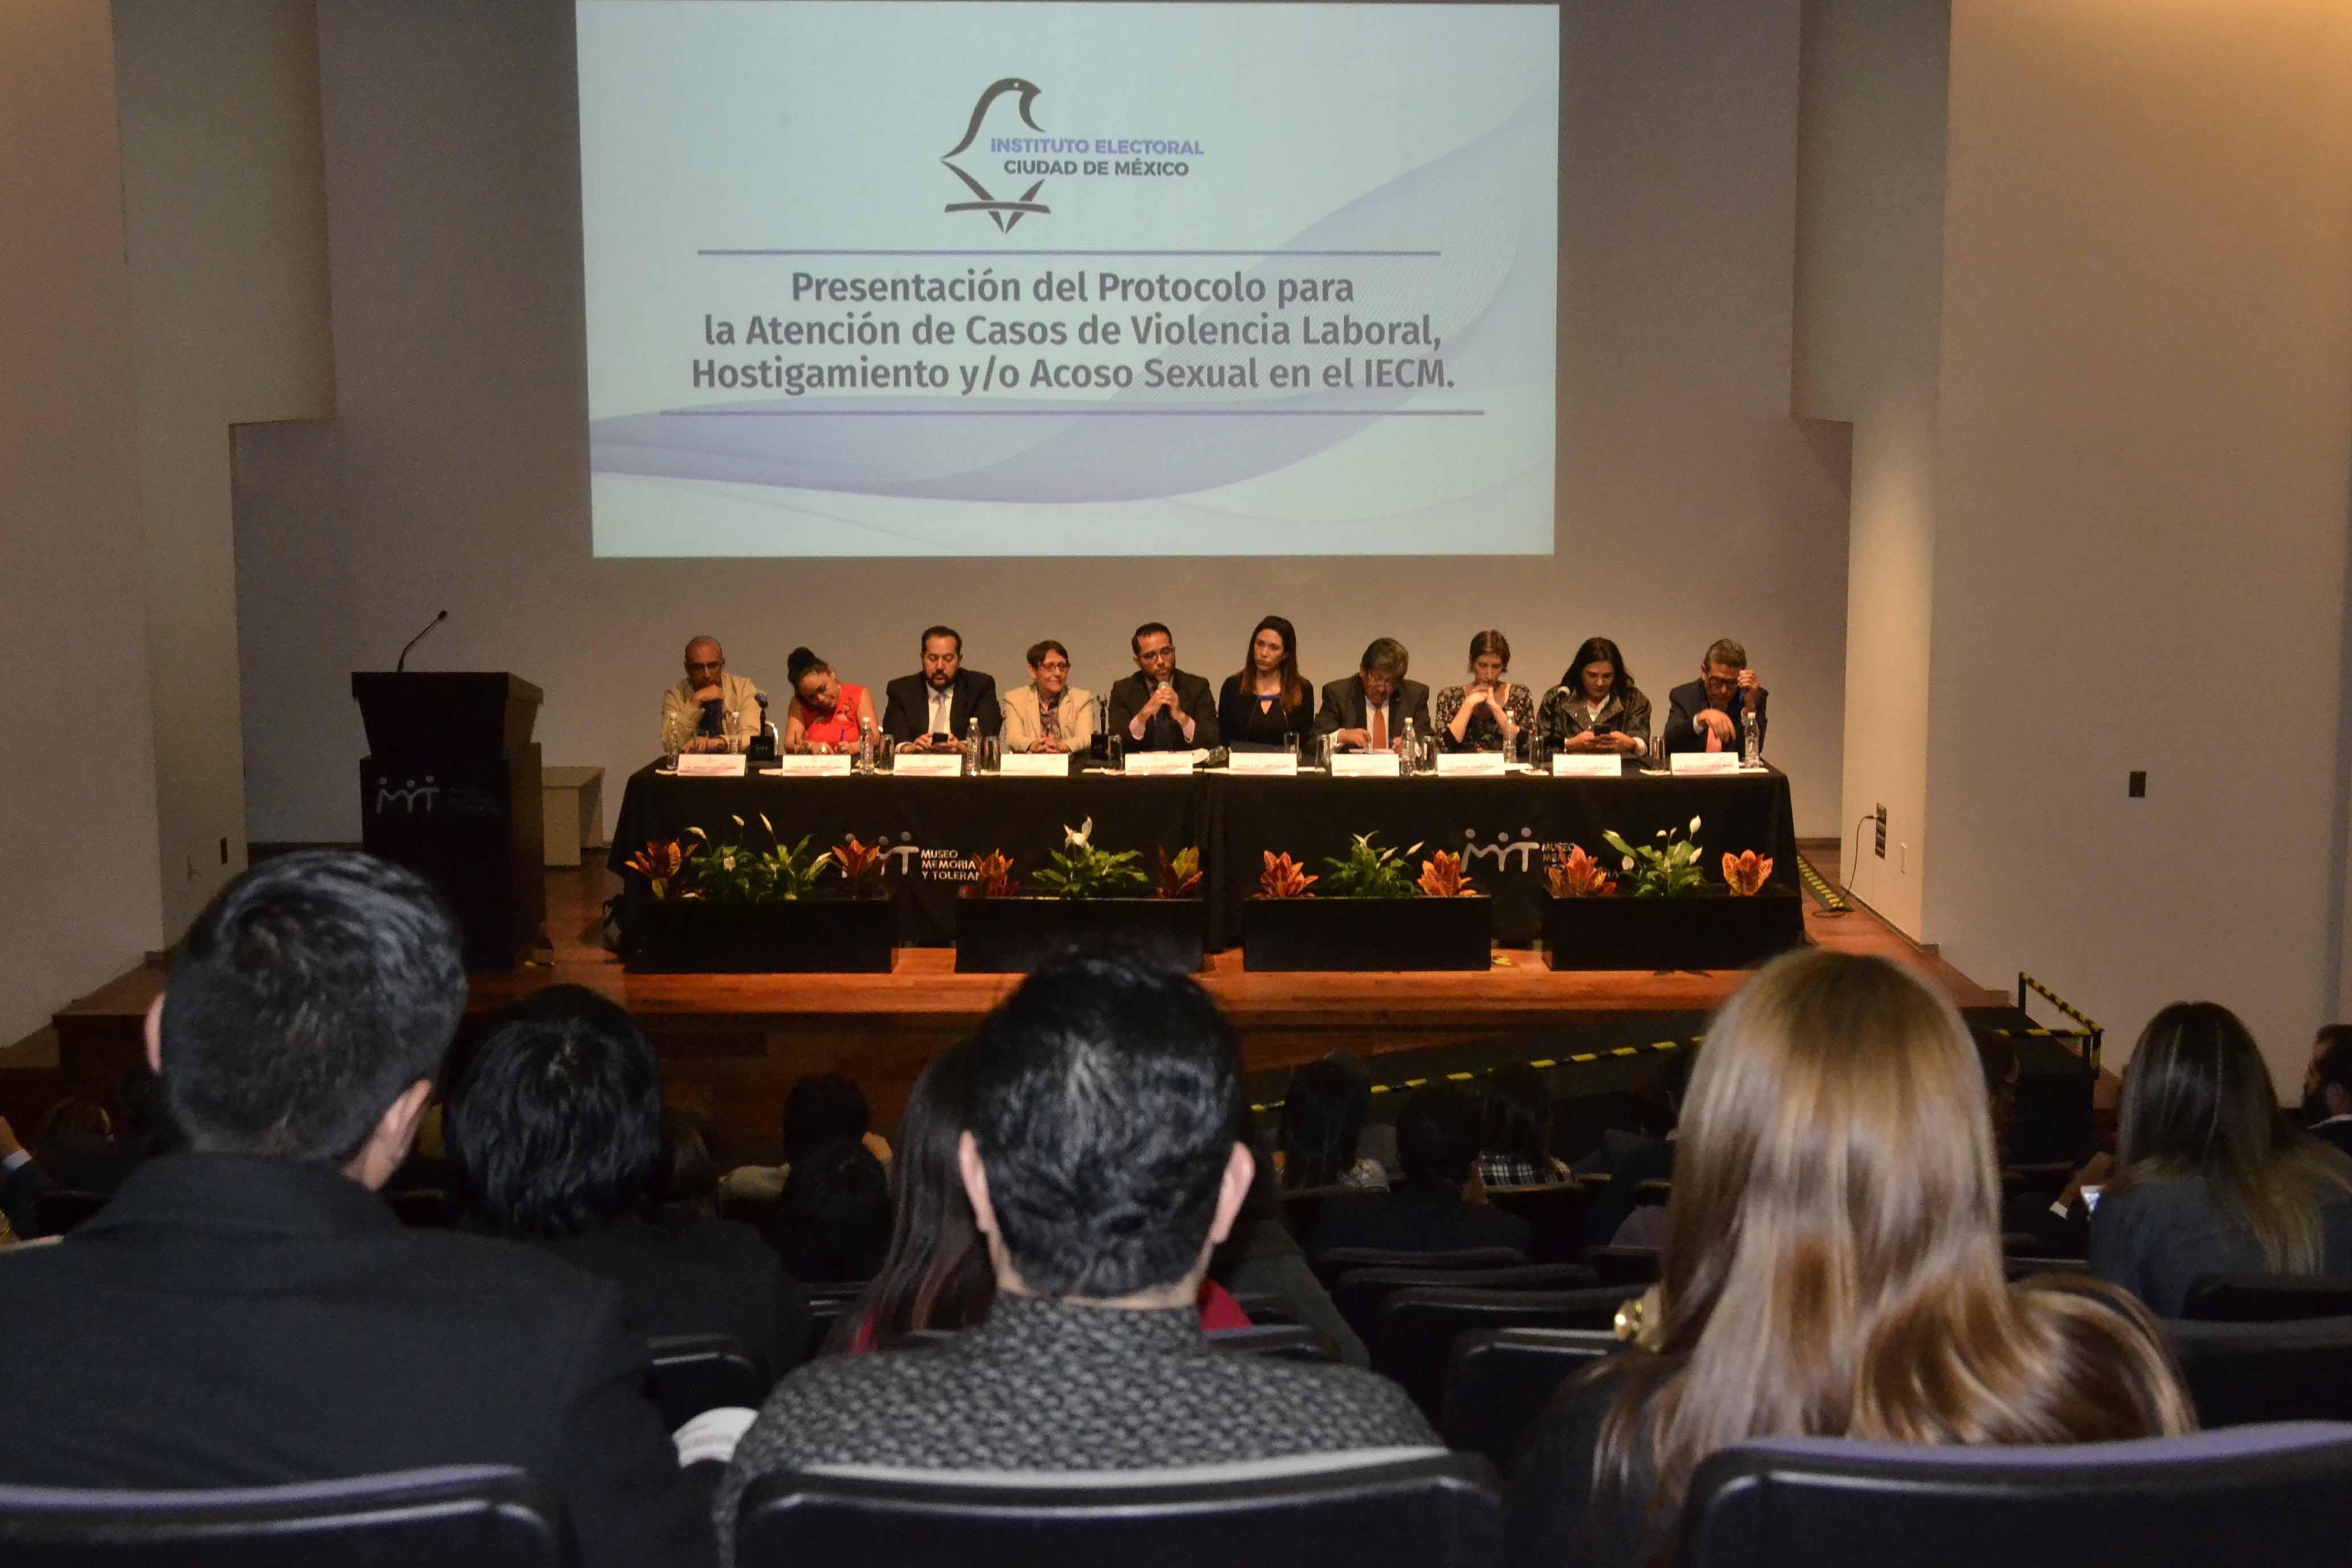 Presenta IECM protocolo para atender casos de violencia laboral, hostigamiento y/o acoso sexual